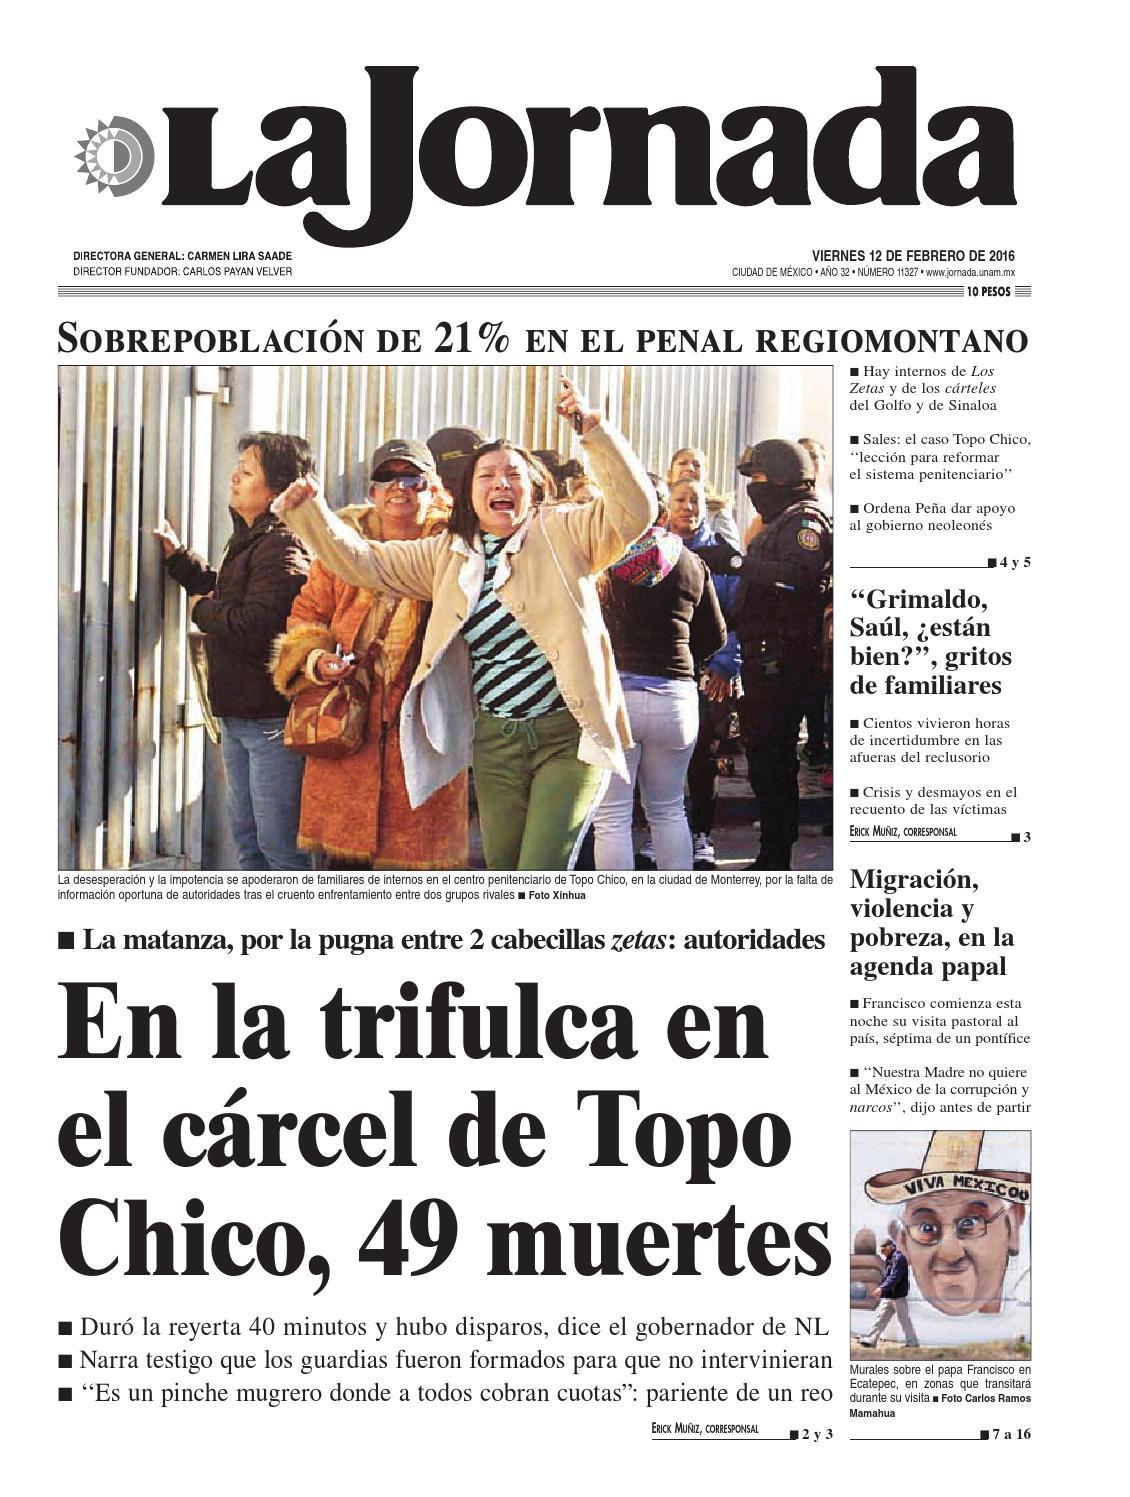 La Jornada 02 12 2016 By La Jornada Issuu